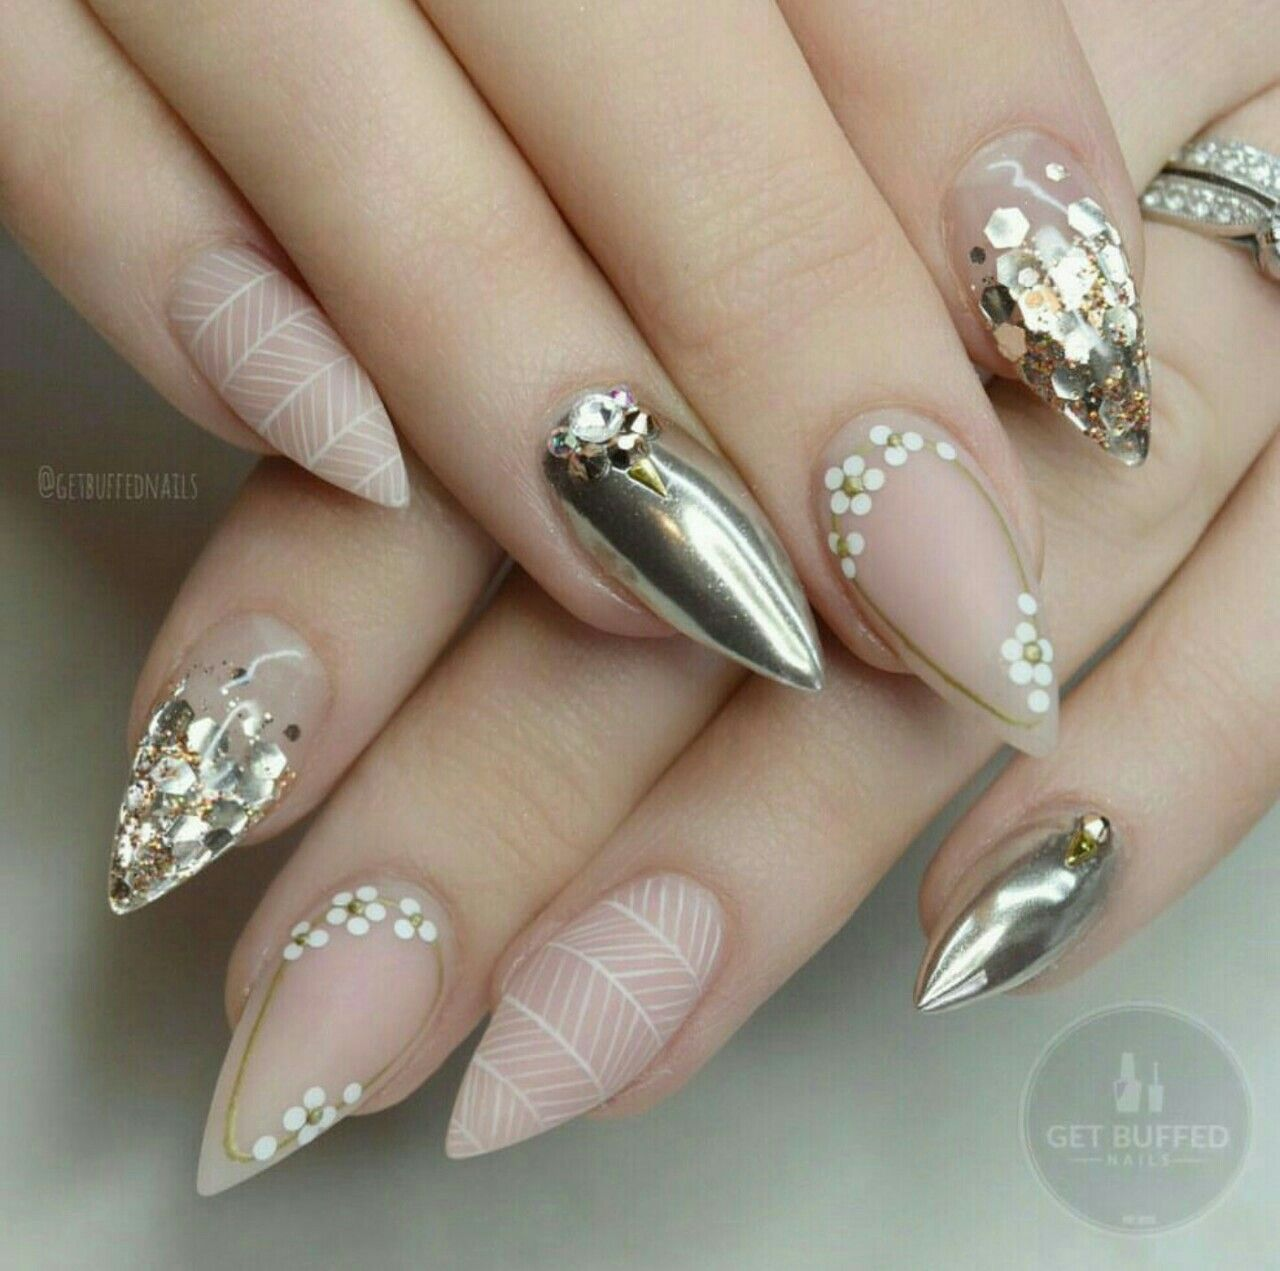 Pin de +52 444 en Uñas con rosas | Pinterest | Diseños de uñas, Uñas ...